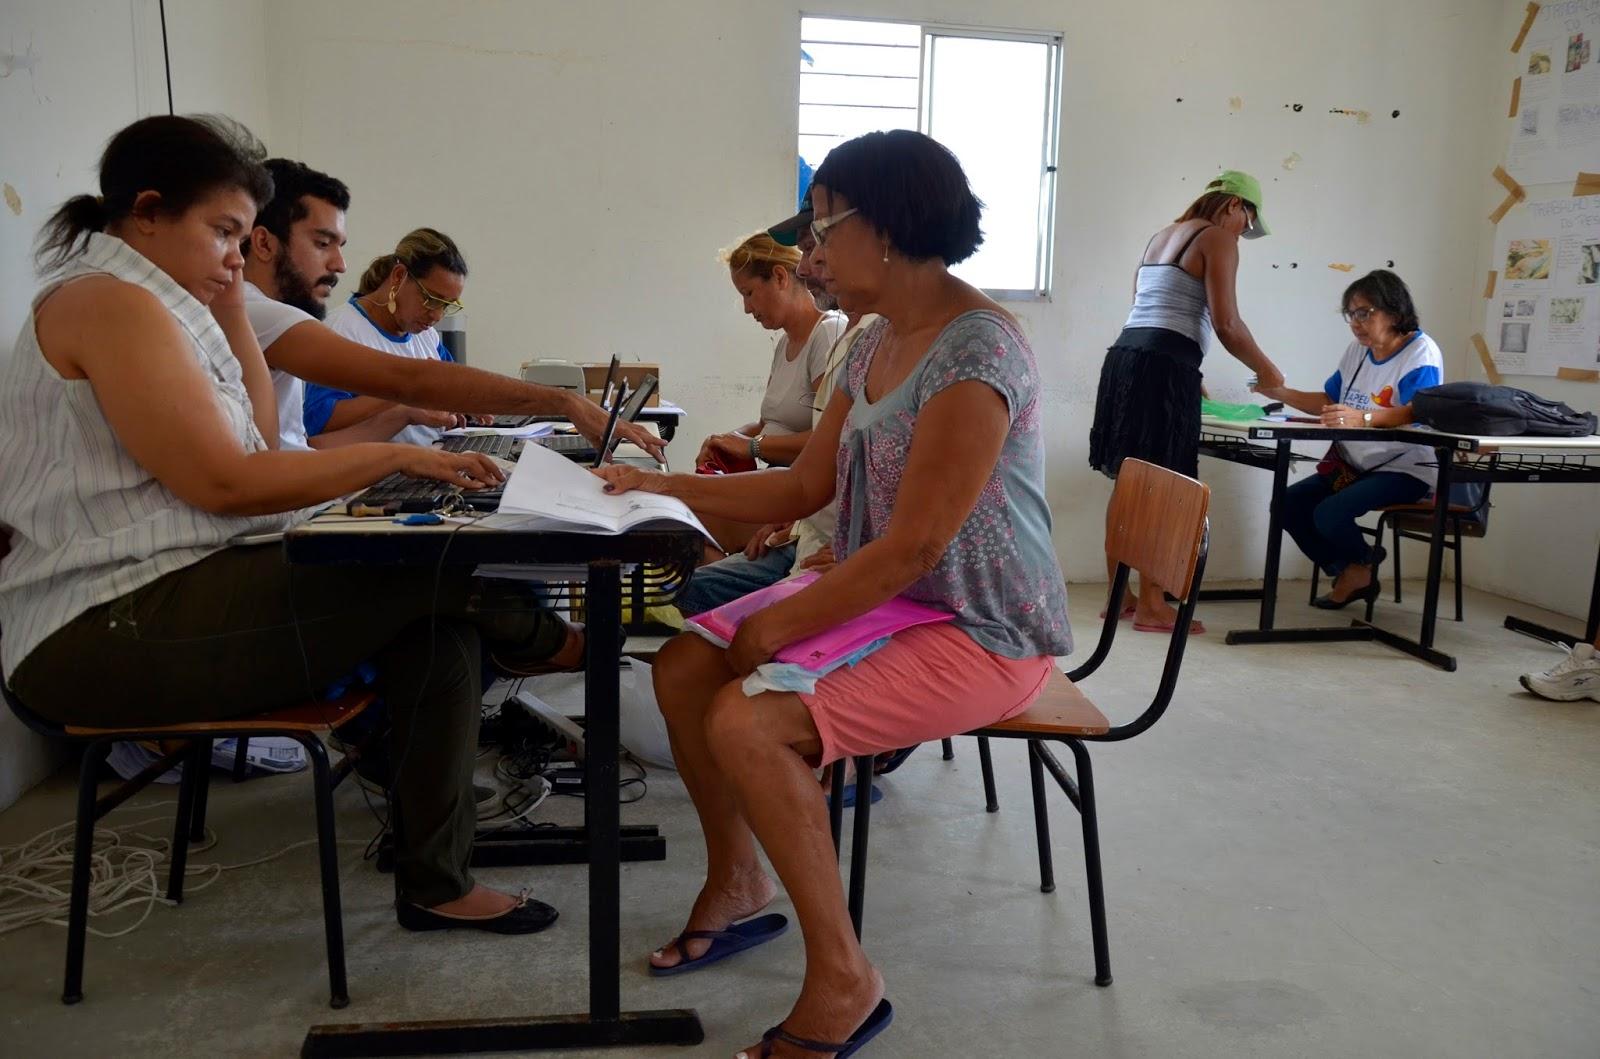 d4c27f4db60e5 O Governo de Pernambuco inicia nesta segunda-feira (9) o cadastramento e  entrega dos cartões de frequência do Programa Chapéu de Palha 2018